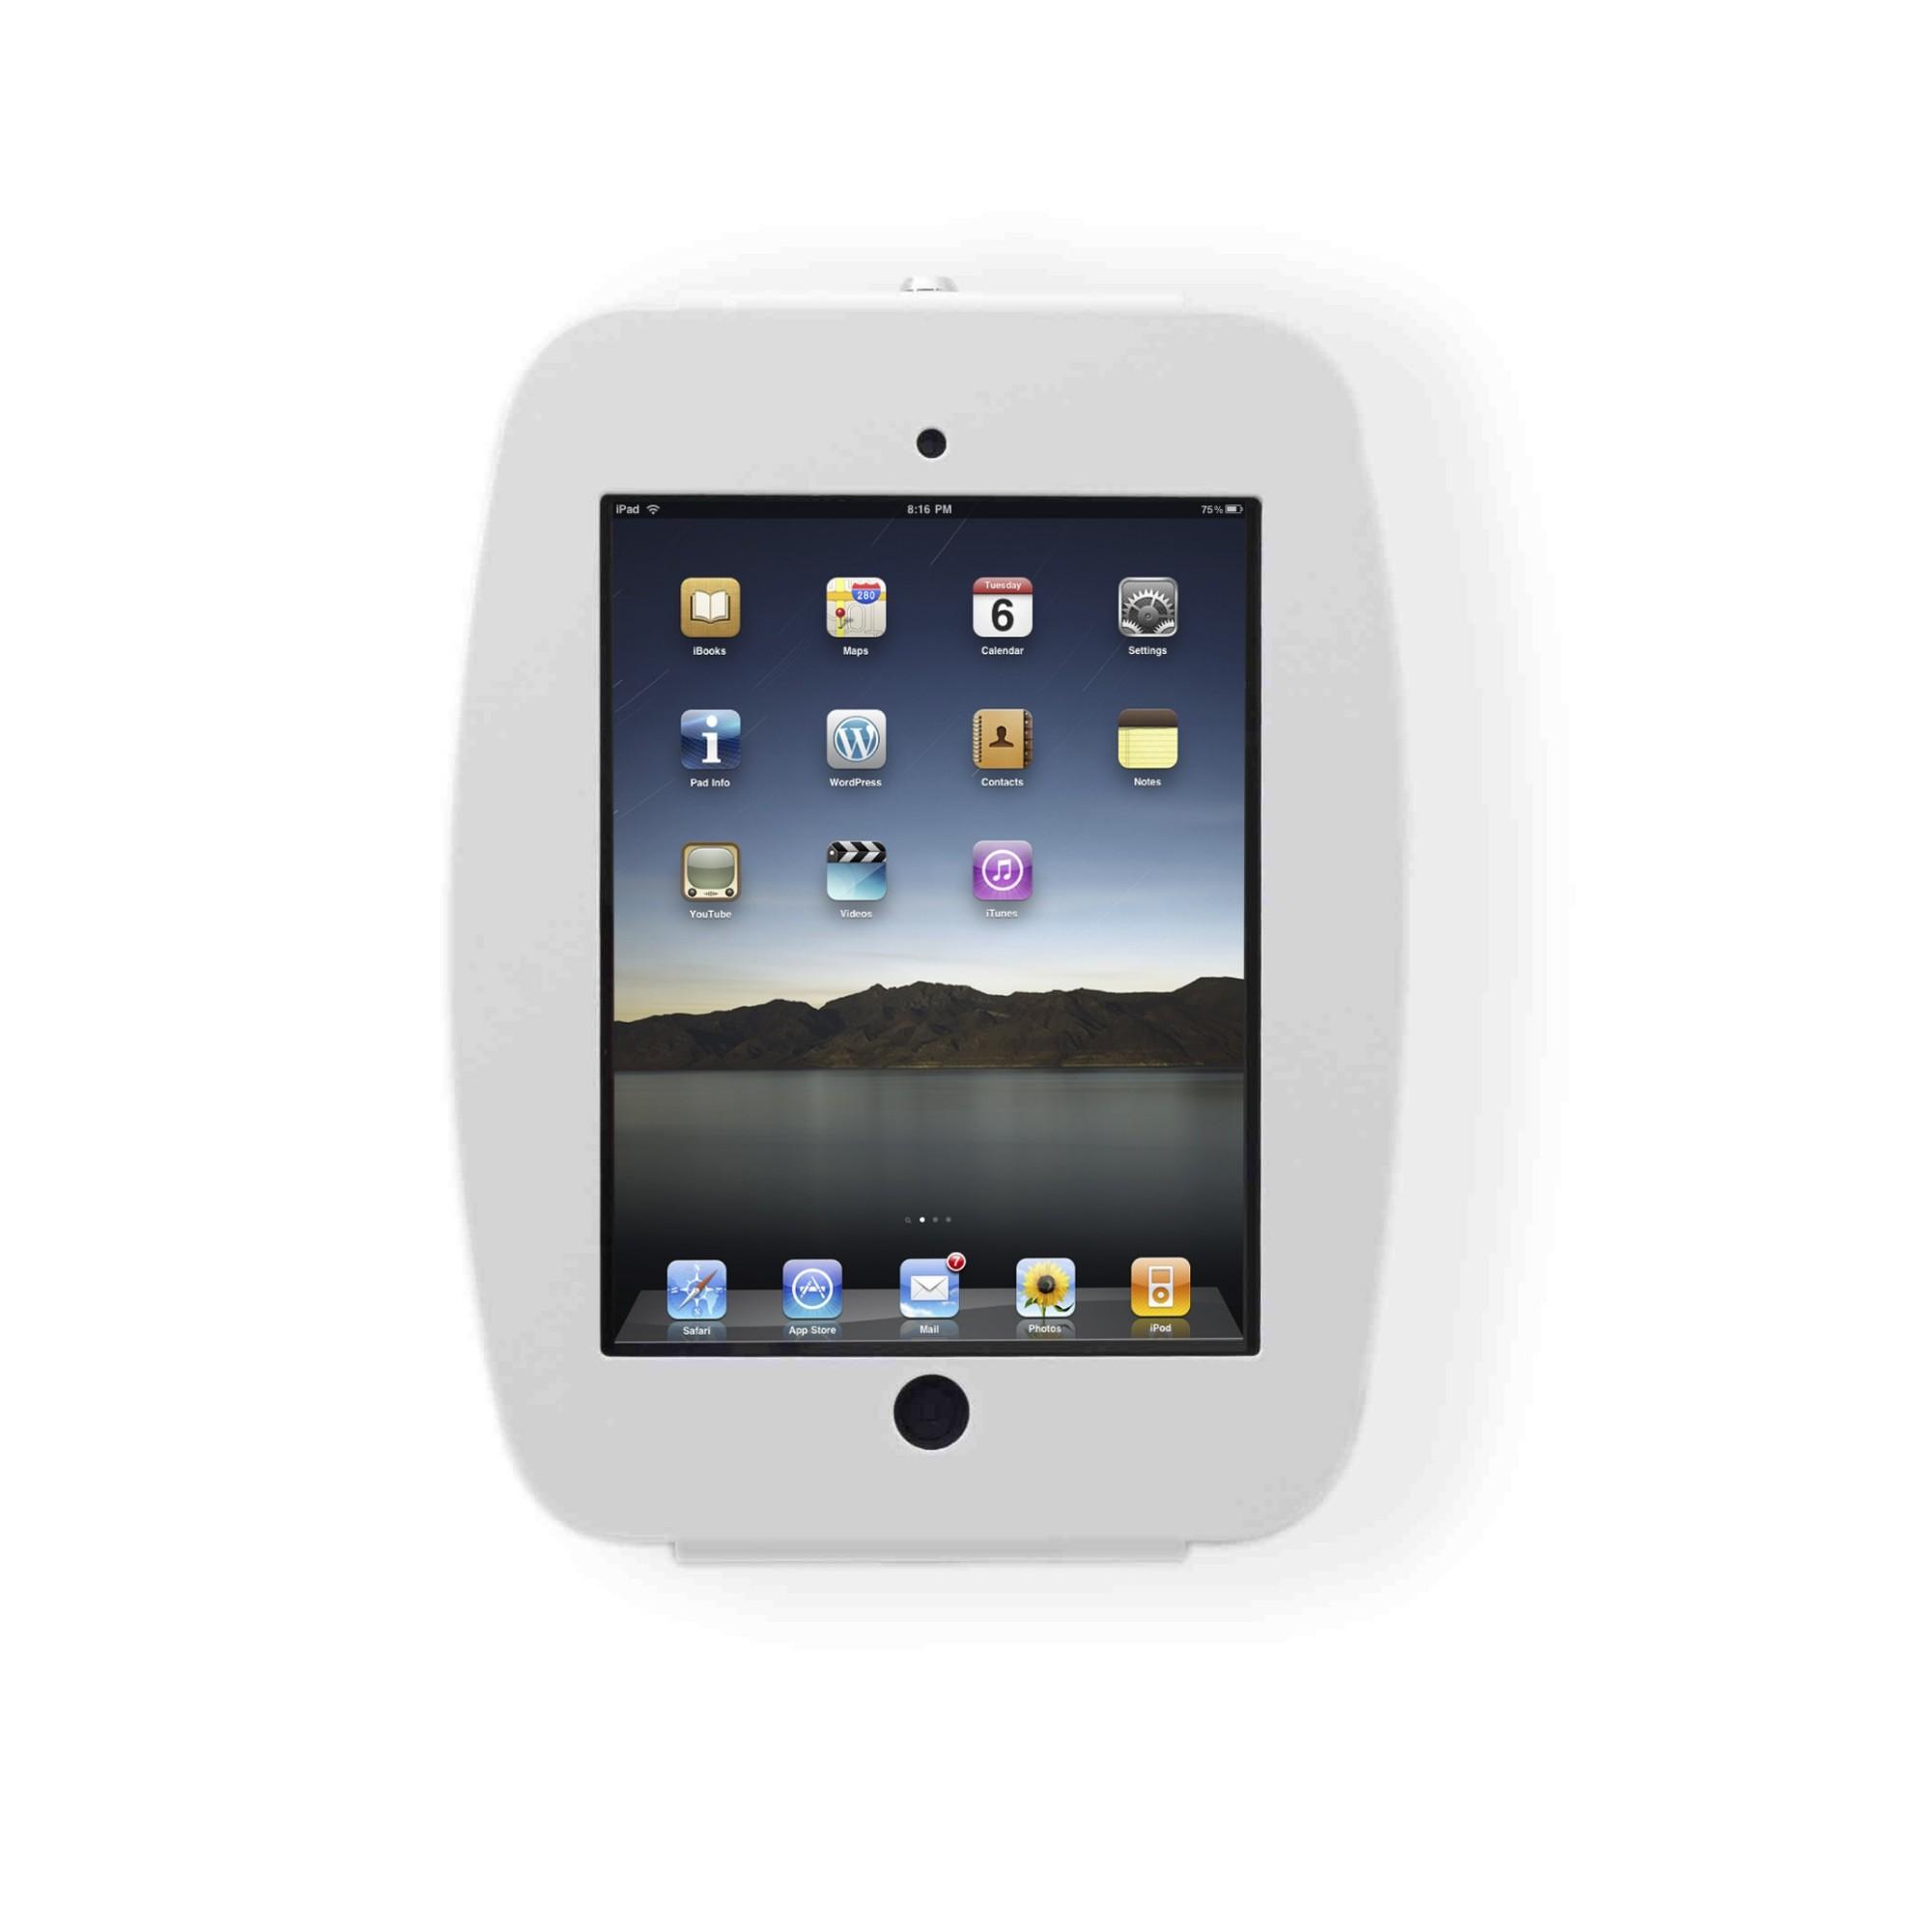 Compulocks 224SENW soporte de seguridad para tabletas Blanco